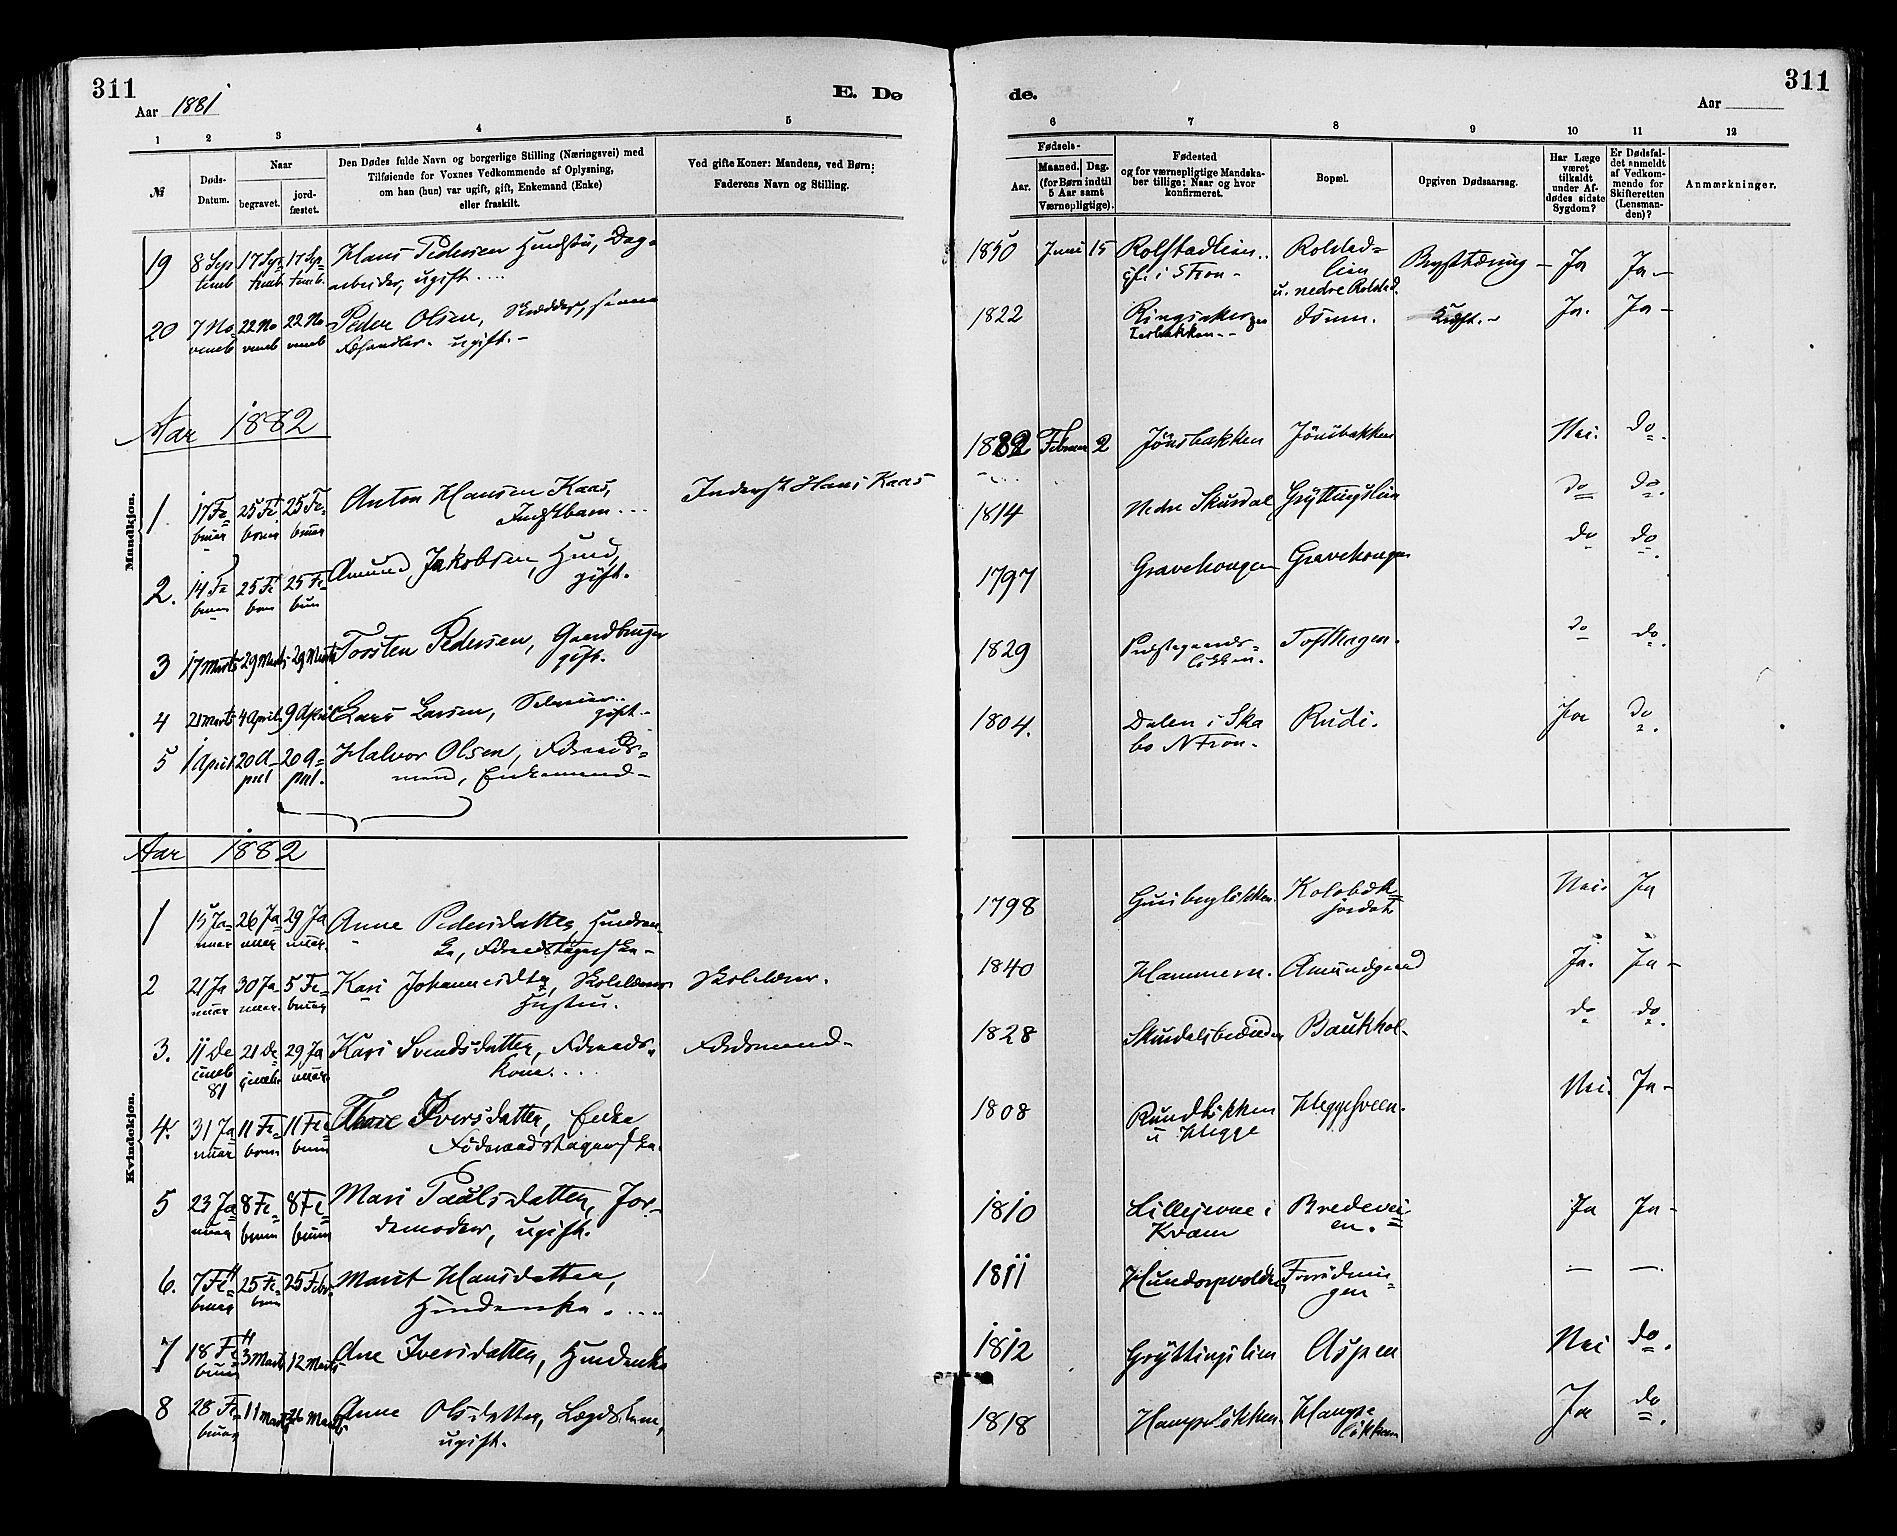 SAH, Sør-Fron prestekontor, H/Ha/Haa/L0003: Ministerialbok nr. 3, 1881-1897, s. 311